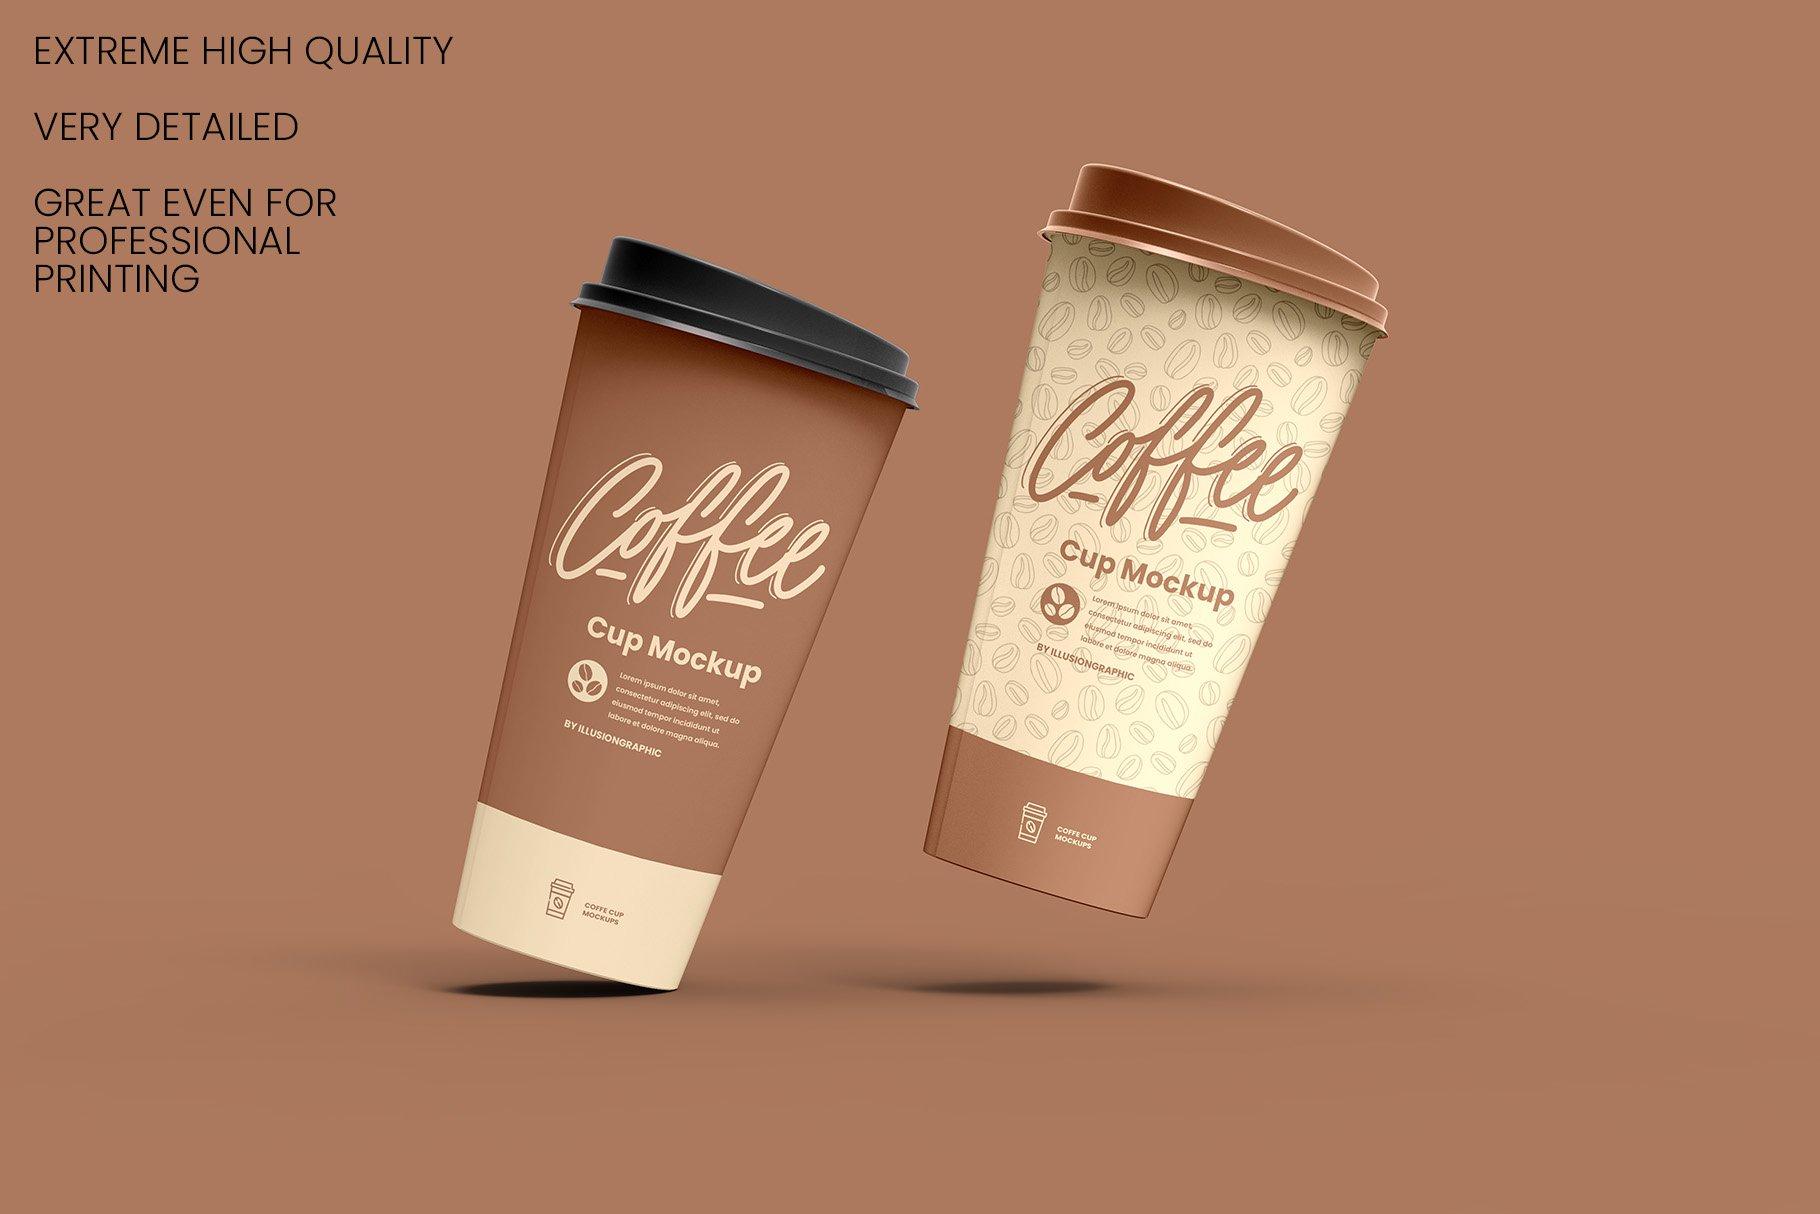 8个一次性咖啡外卖纸杯设计贴图样机模板 Coffee Cup Mockup – 8 views插图3